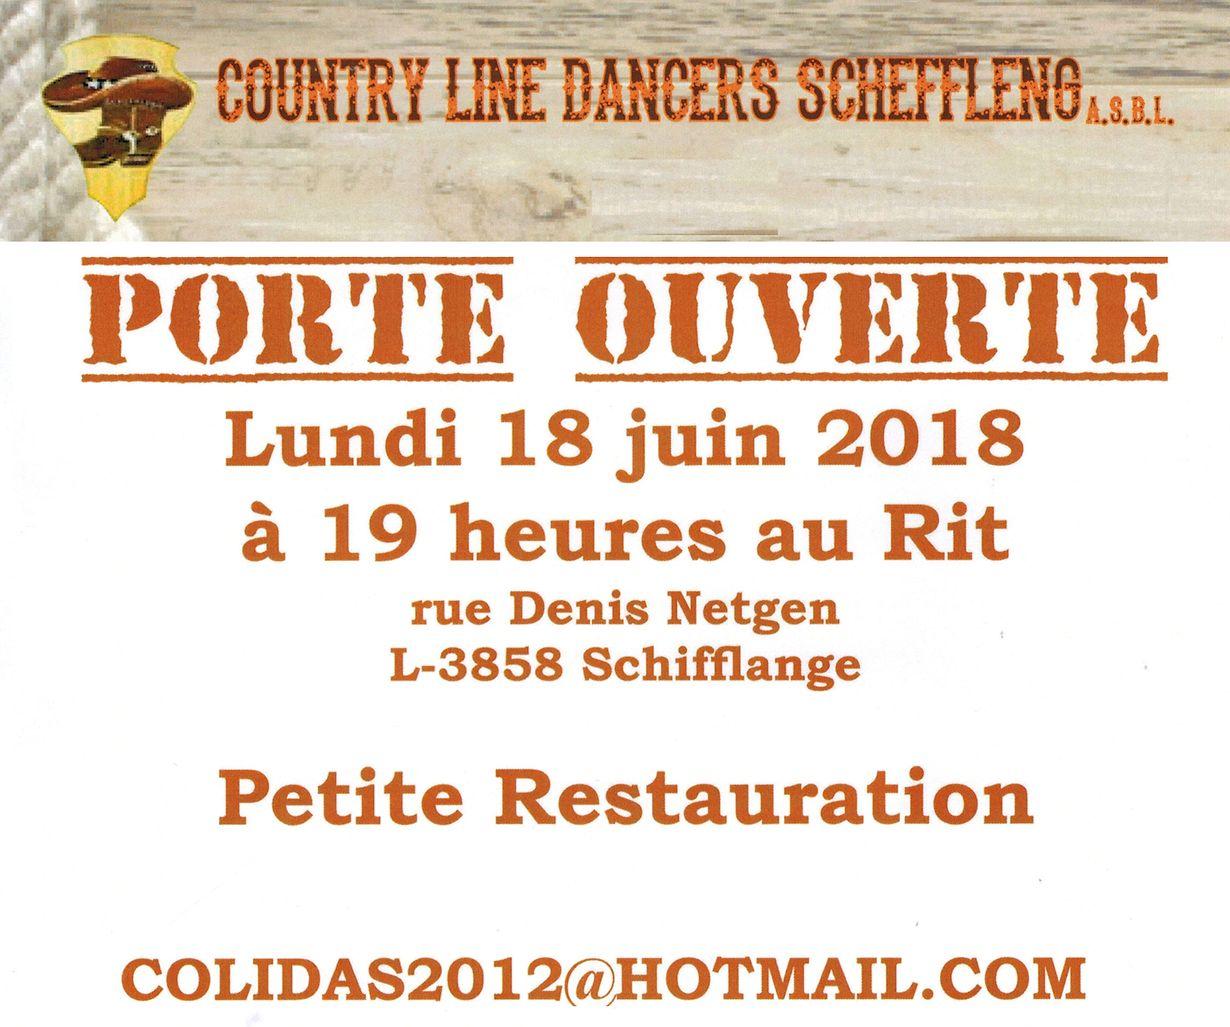 mywort - Porte Ouverte Schëfflënger Country Line Dancers